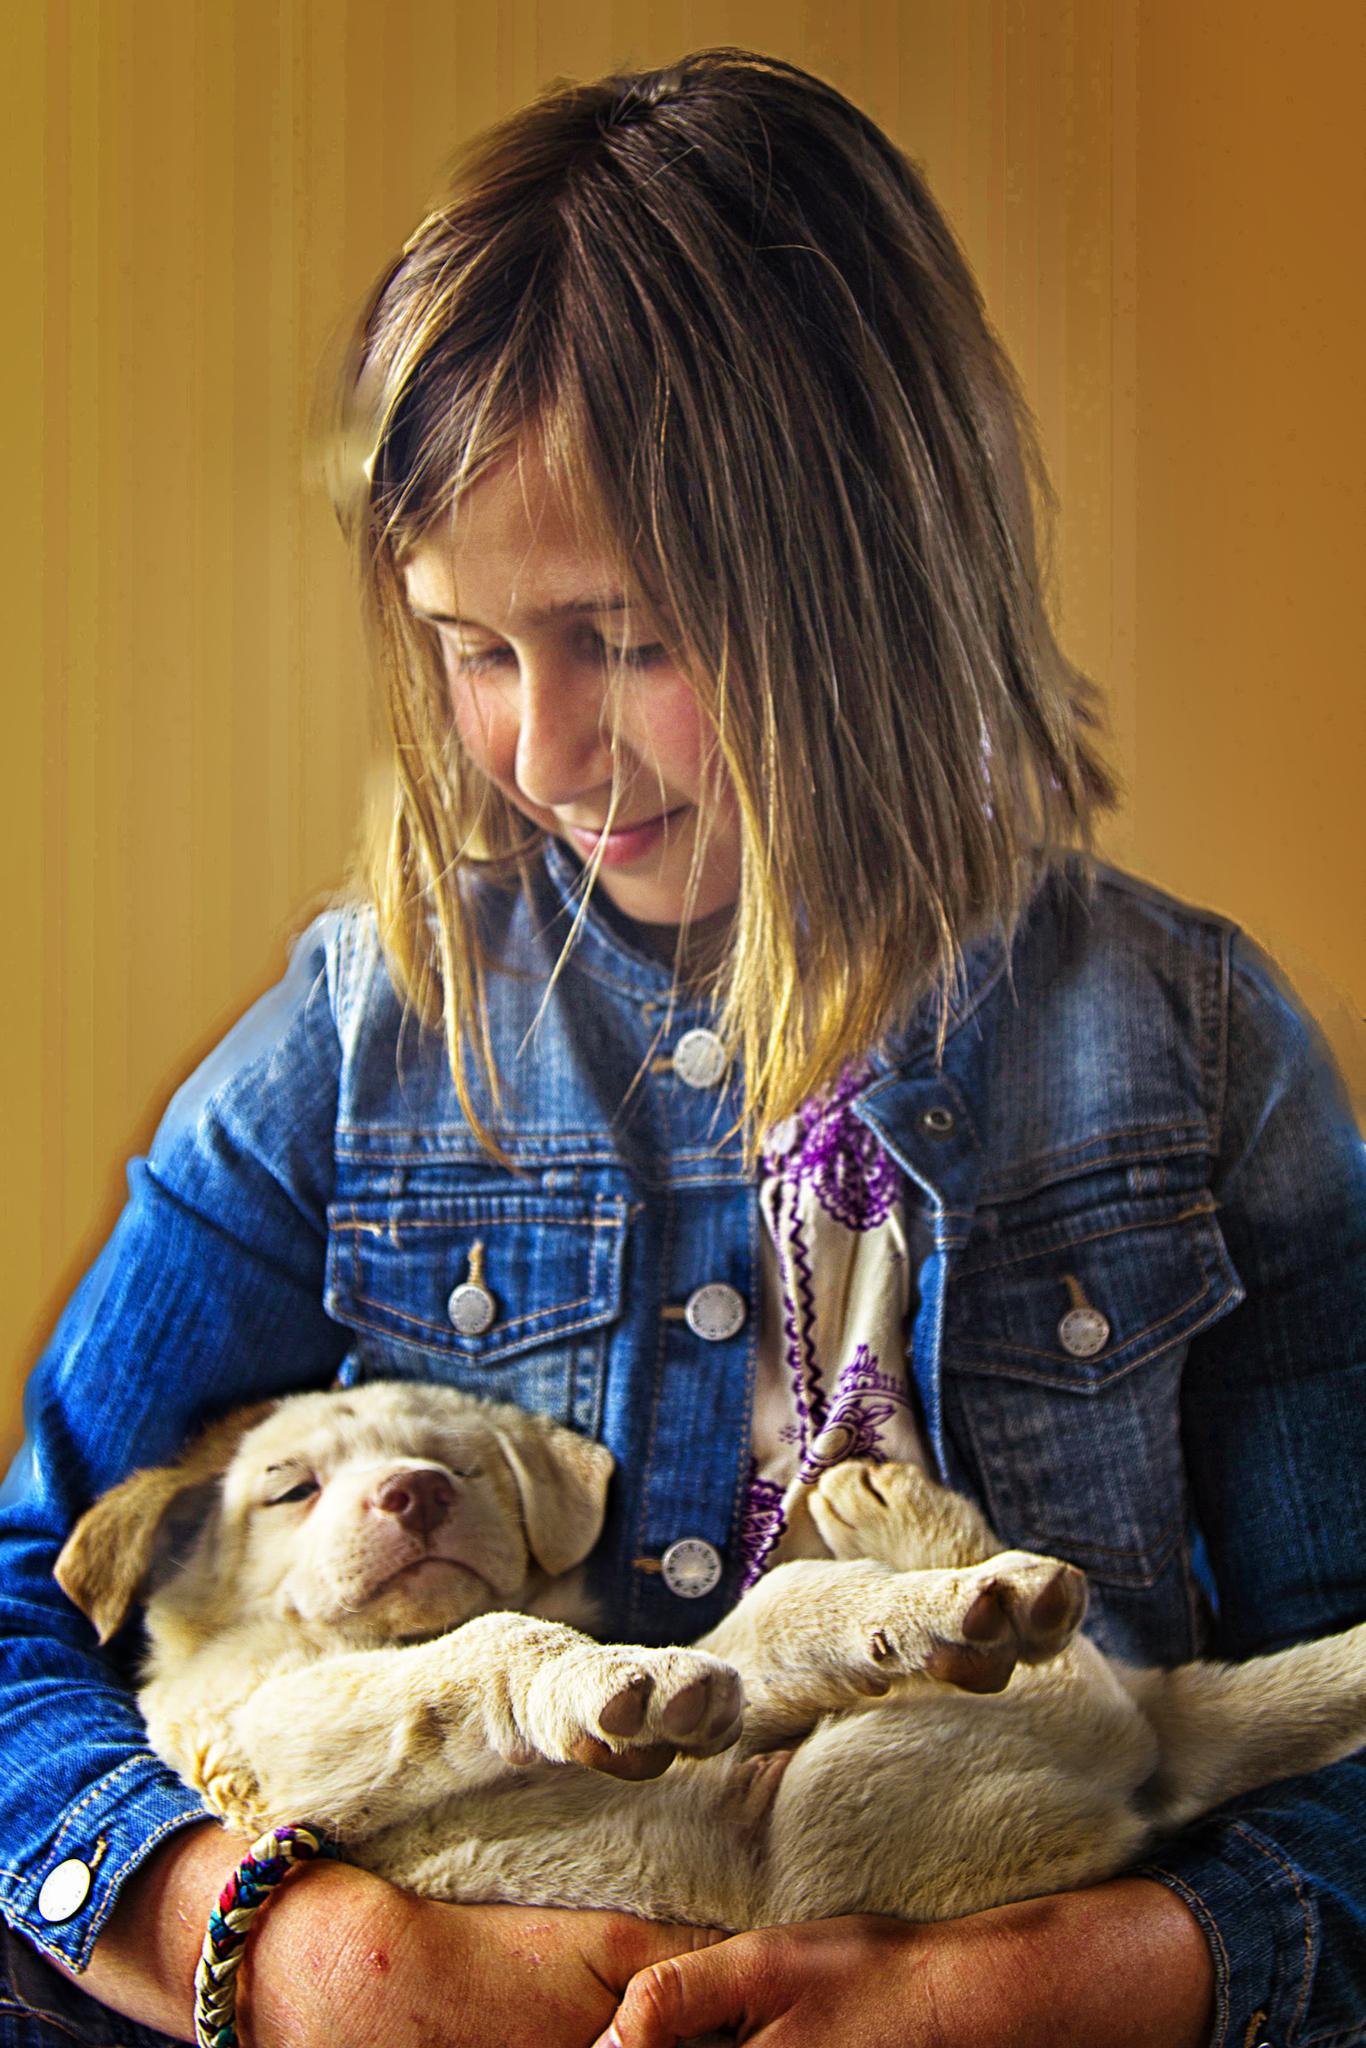 La niña y el cahorrito by lolacamachotroyano